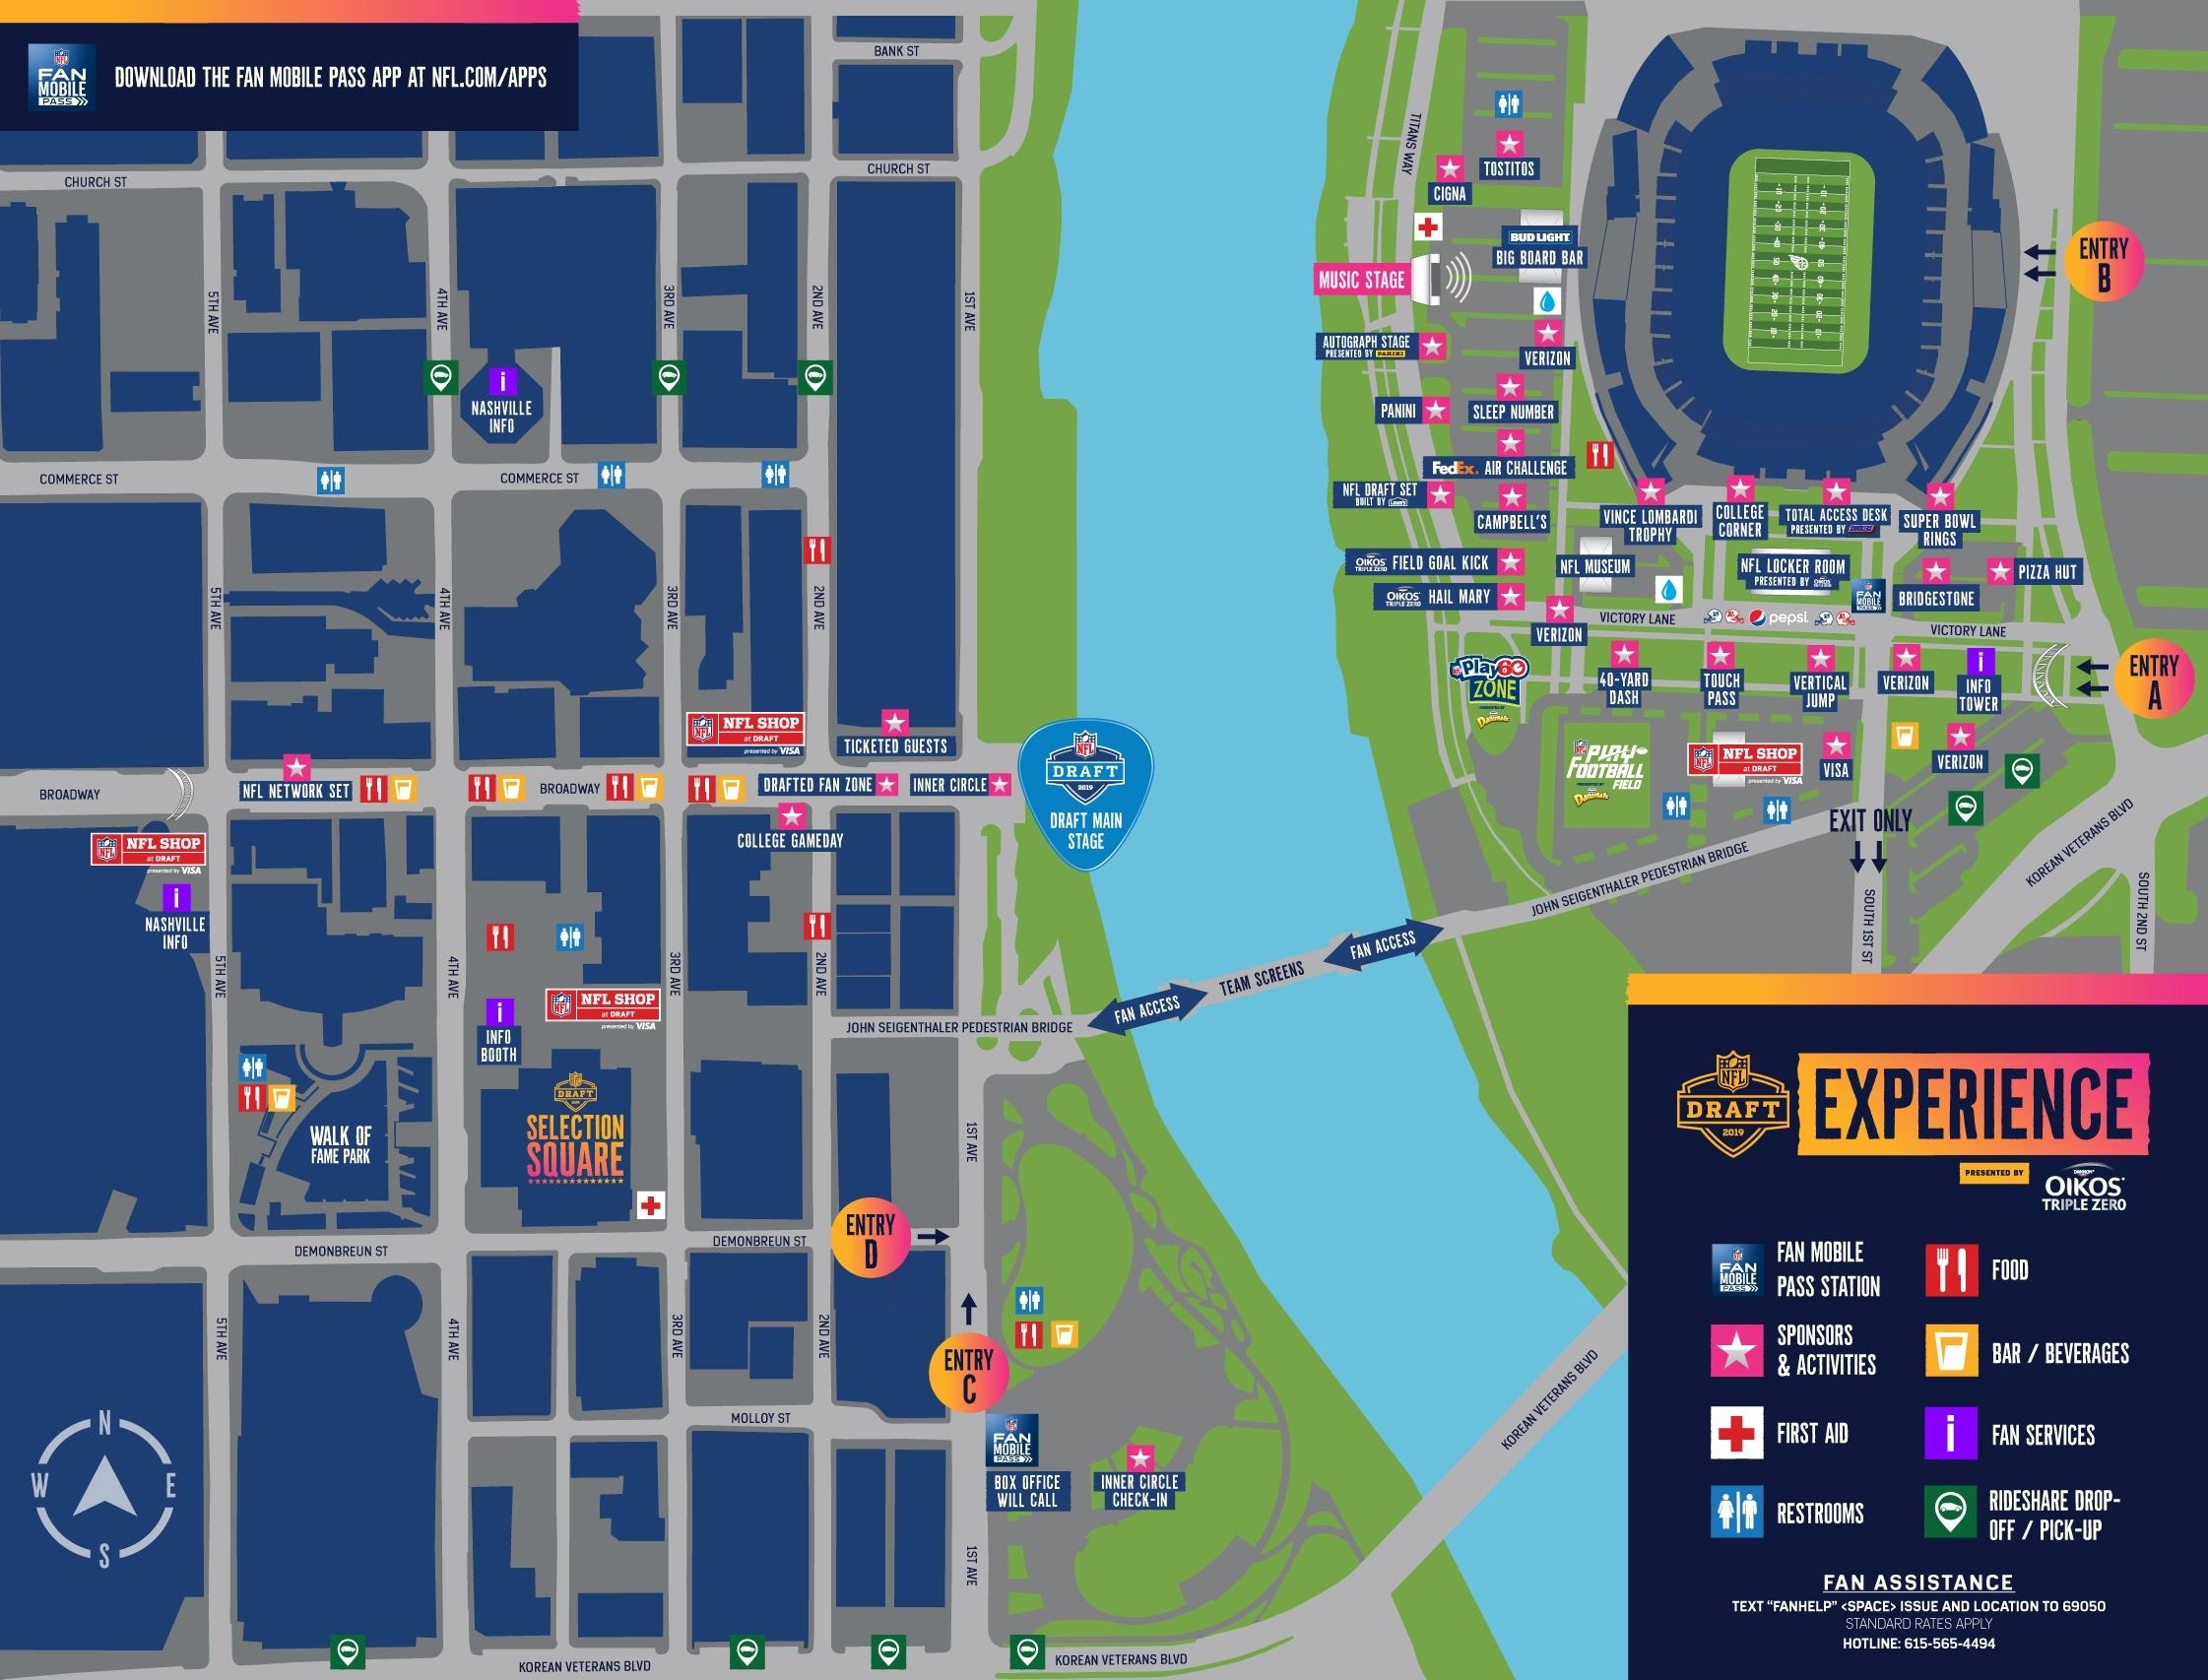 Nfl Events | Nfl | Nfl intended for Super Bowl 2019 Event Map